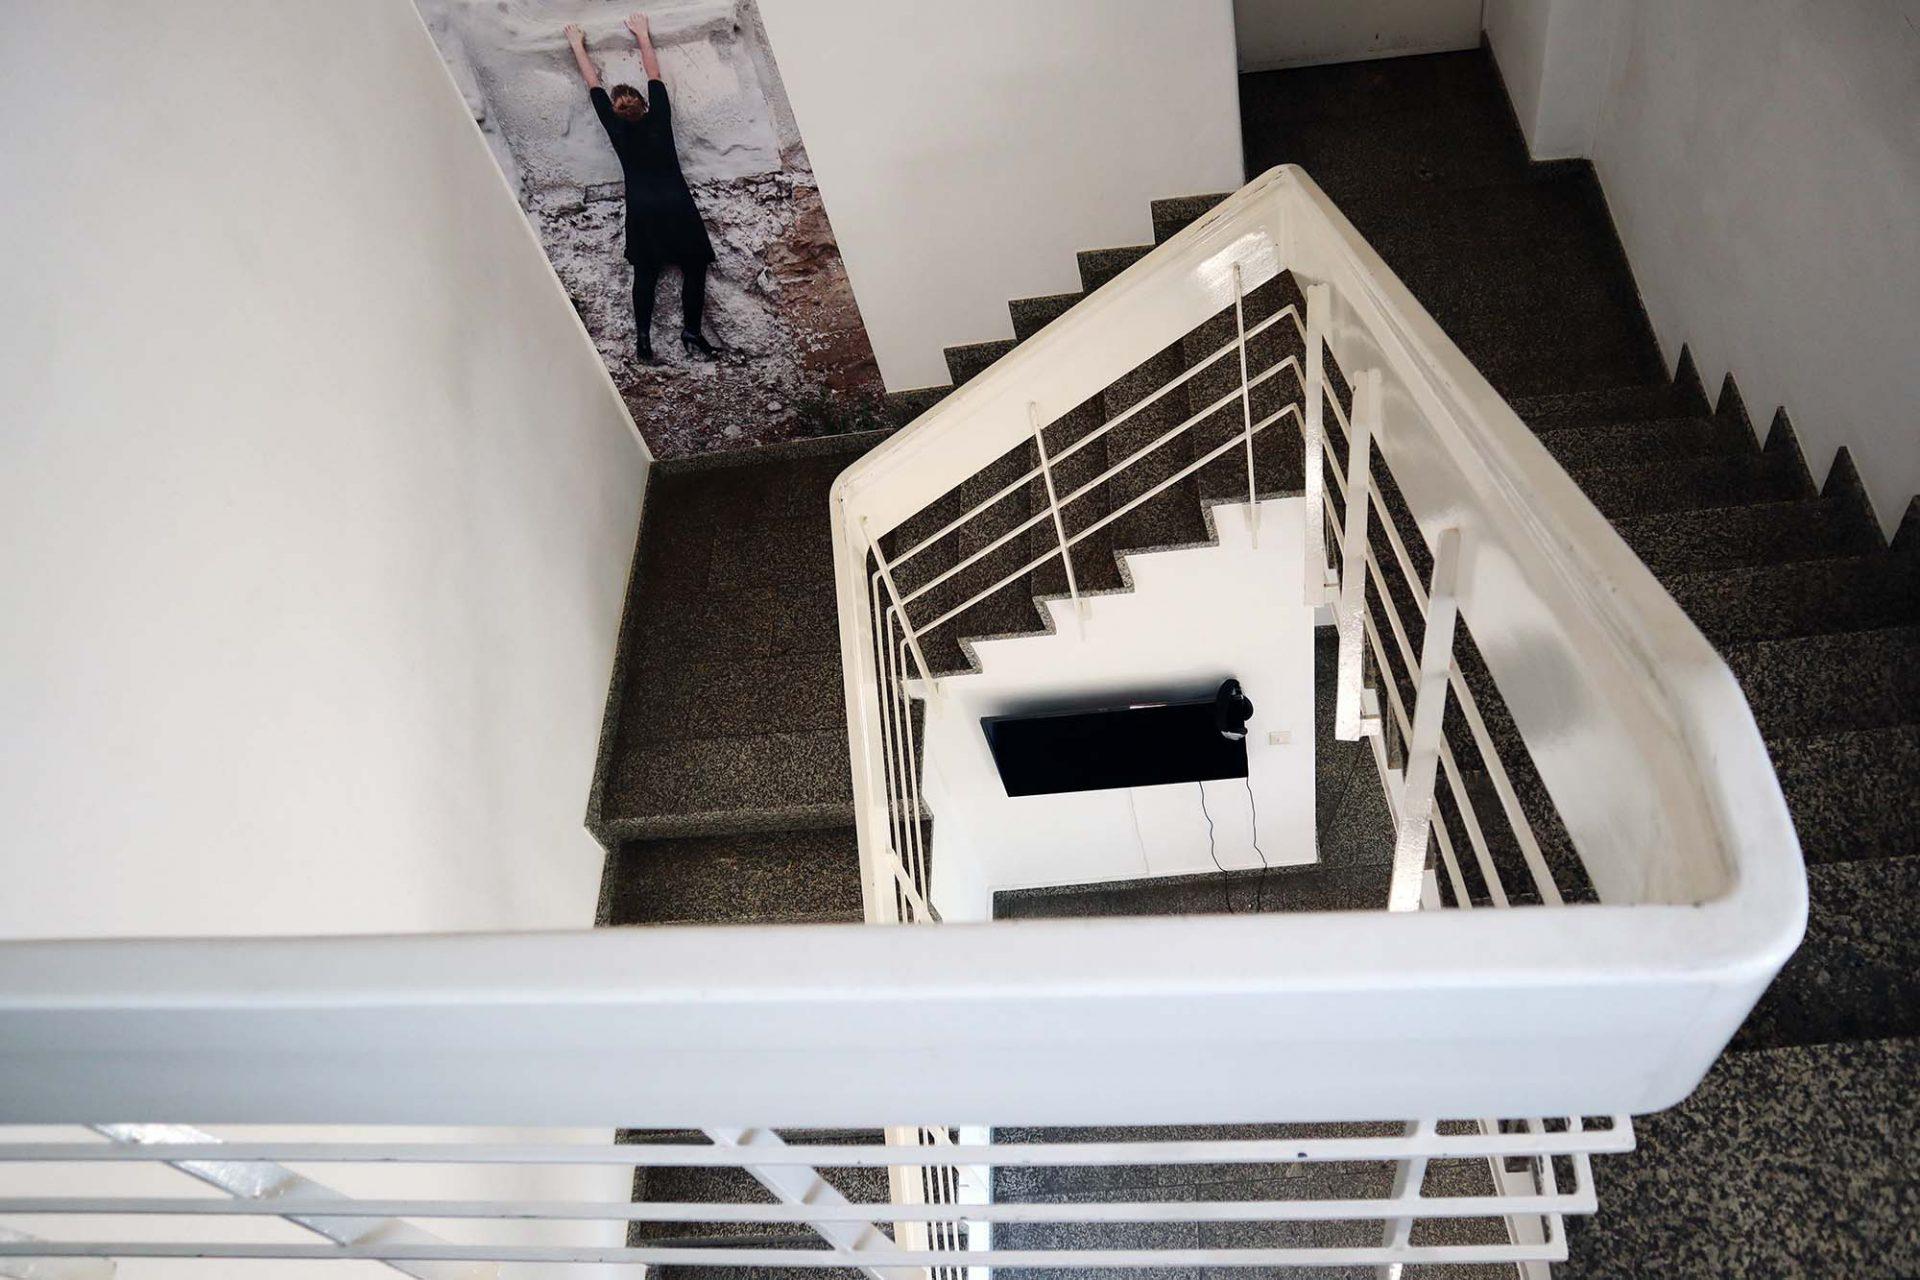 Bayerwaldzyklus Peter Haimerl. Architektur.. Auch im Treppenhaus findet sich inszenierte Architekturfotografie von beierle.goerlich.